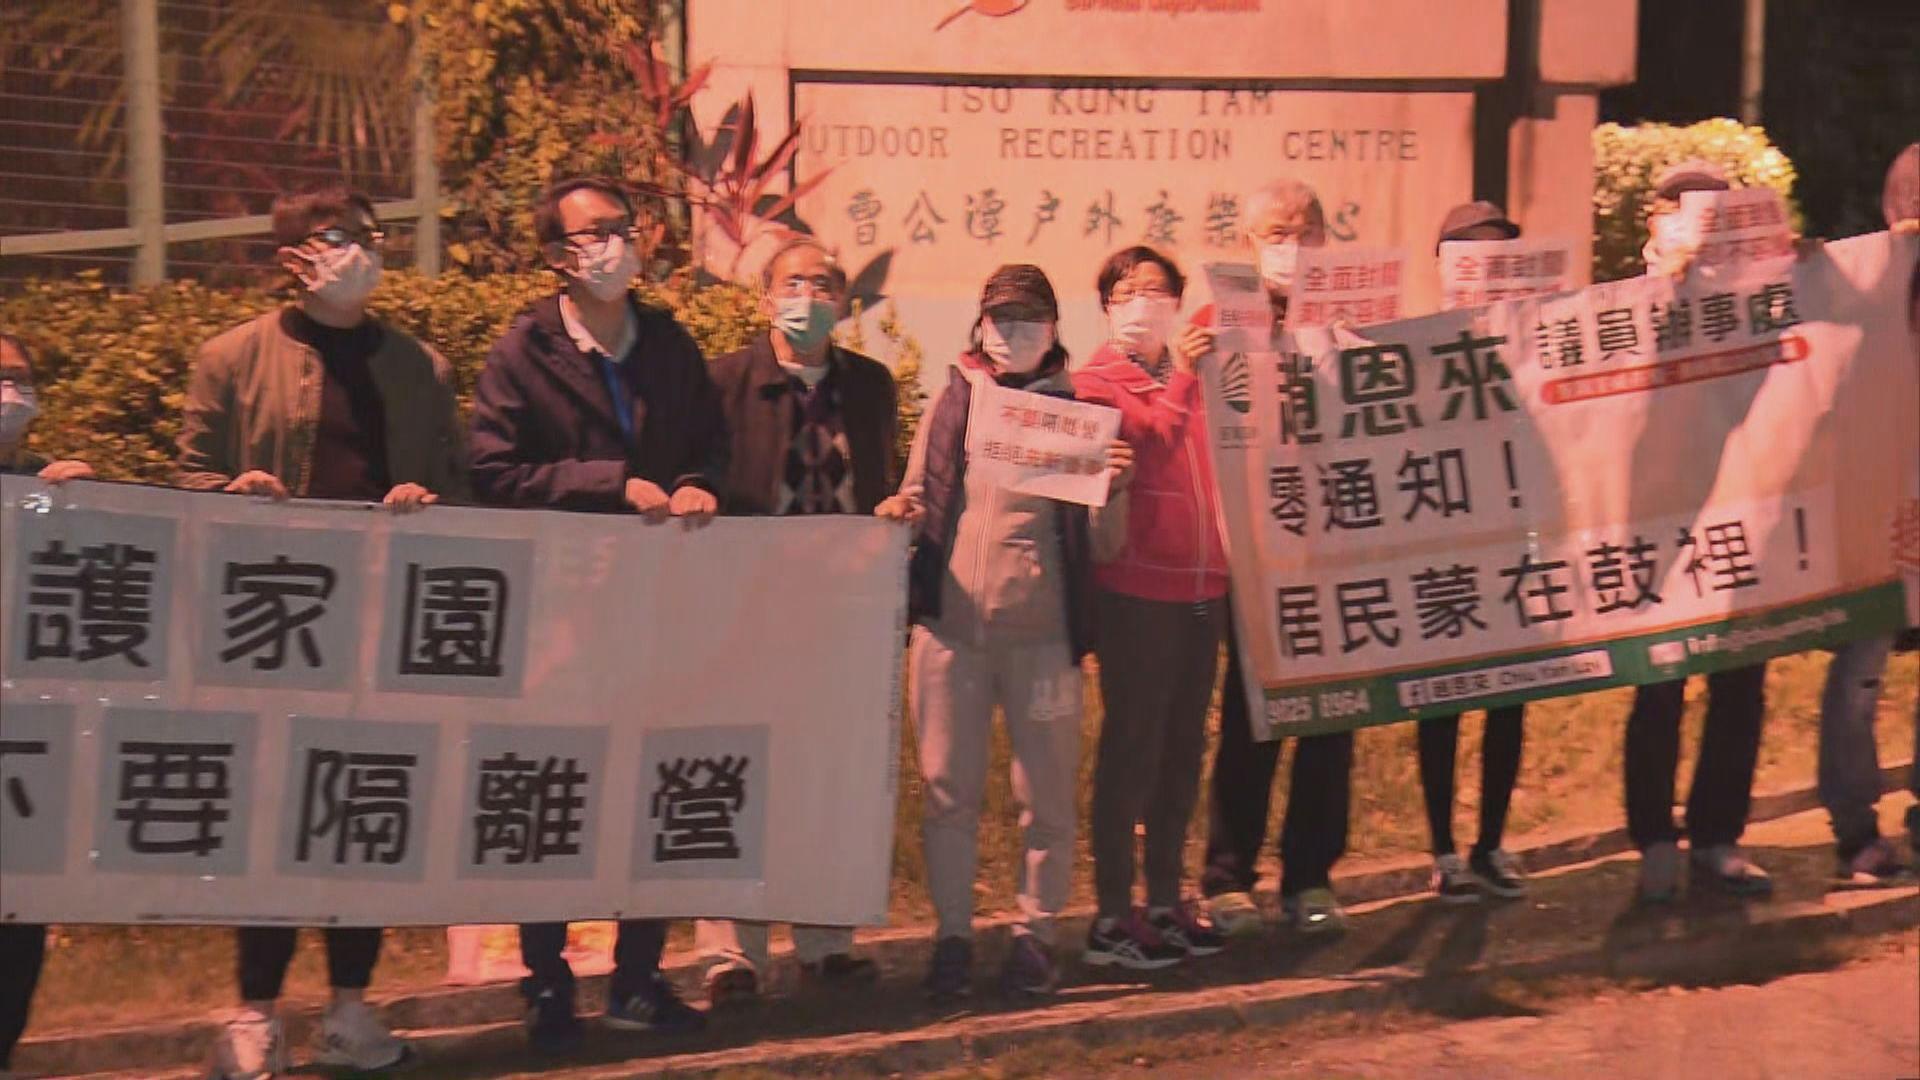 有荃灣居民反對曹公潭康樂營作檢疫中心